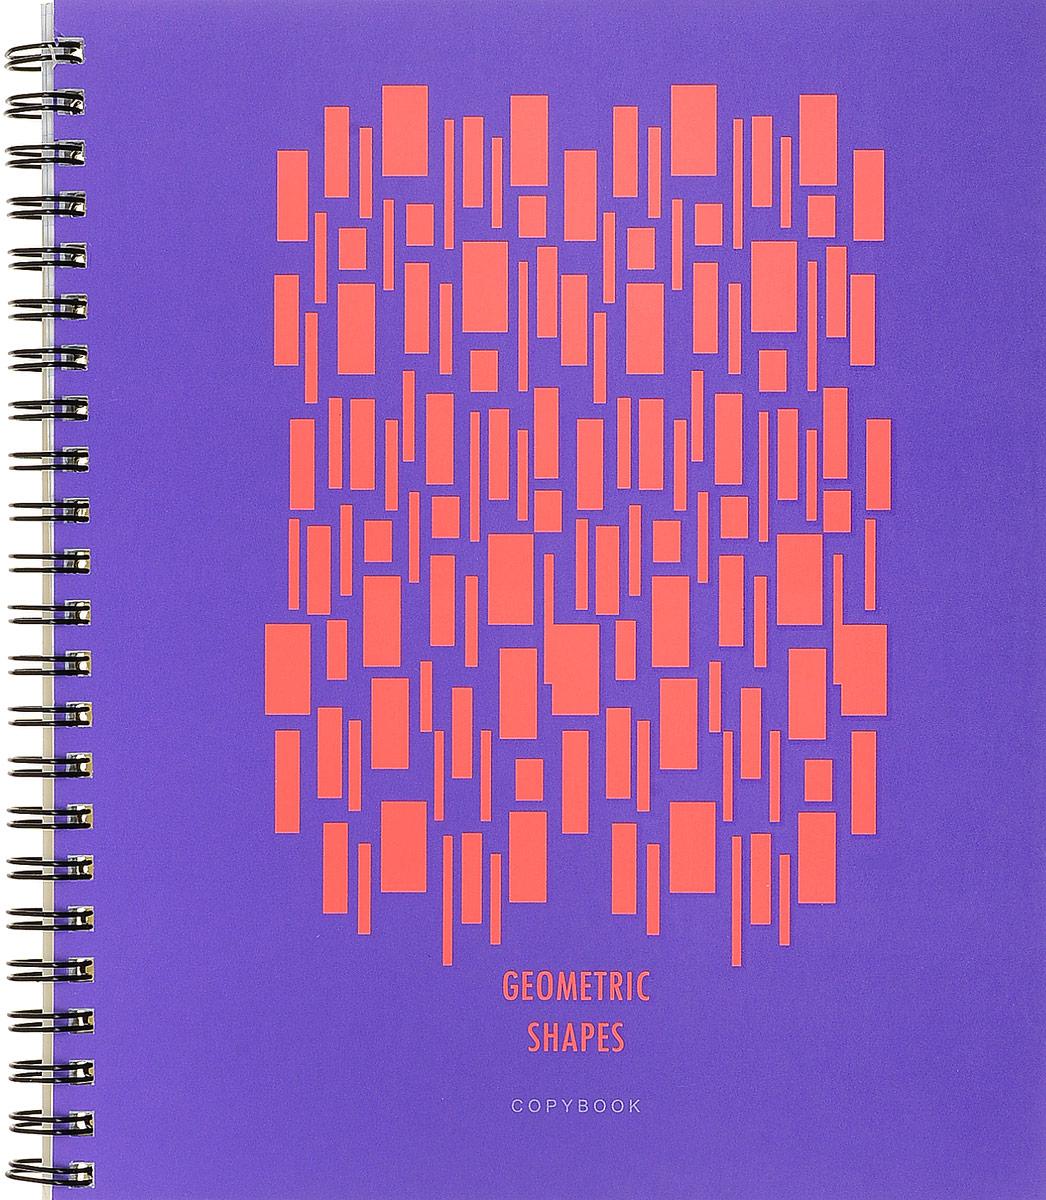 Канц-Эксмо Тетрадь Насыщенные цвета 96 листов в клетку цвет оранжевыйТСЛ965230_оранжевыйТетрадь общая Канц-Эксмо Насыщенные цвета формат А5, 96 листов в клетку. Крепление - гребень. Обложка: мелованный картон, пантонная печать, выборочный лак. Внутренний блок: бумага офсетная 60 г/м2.